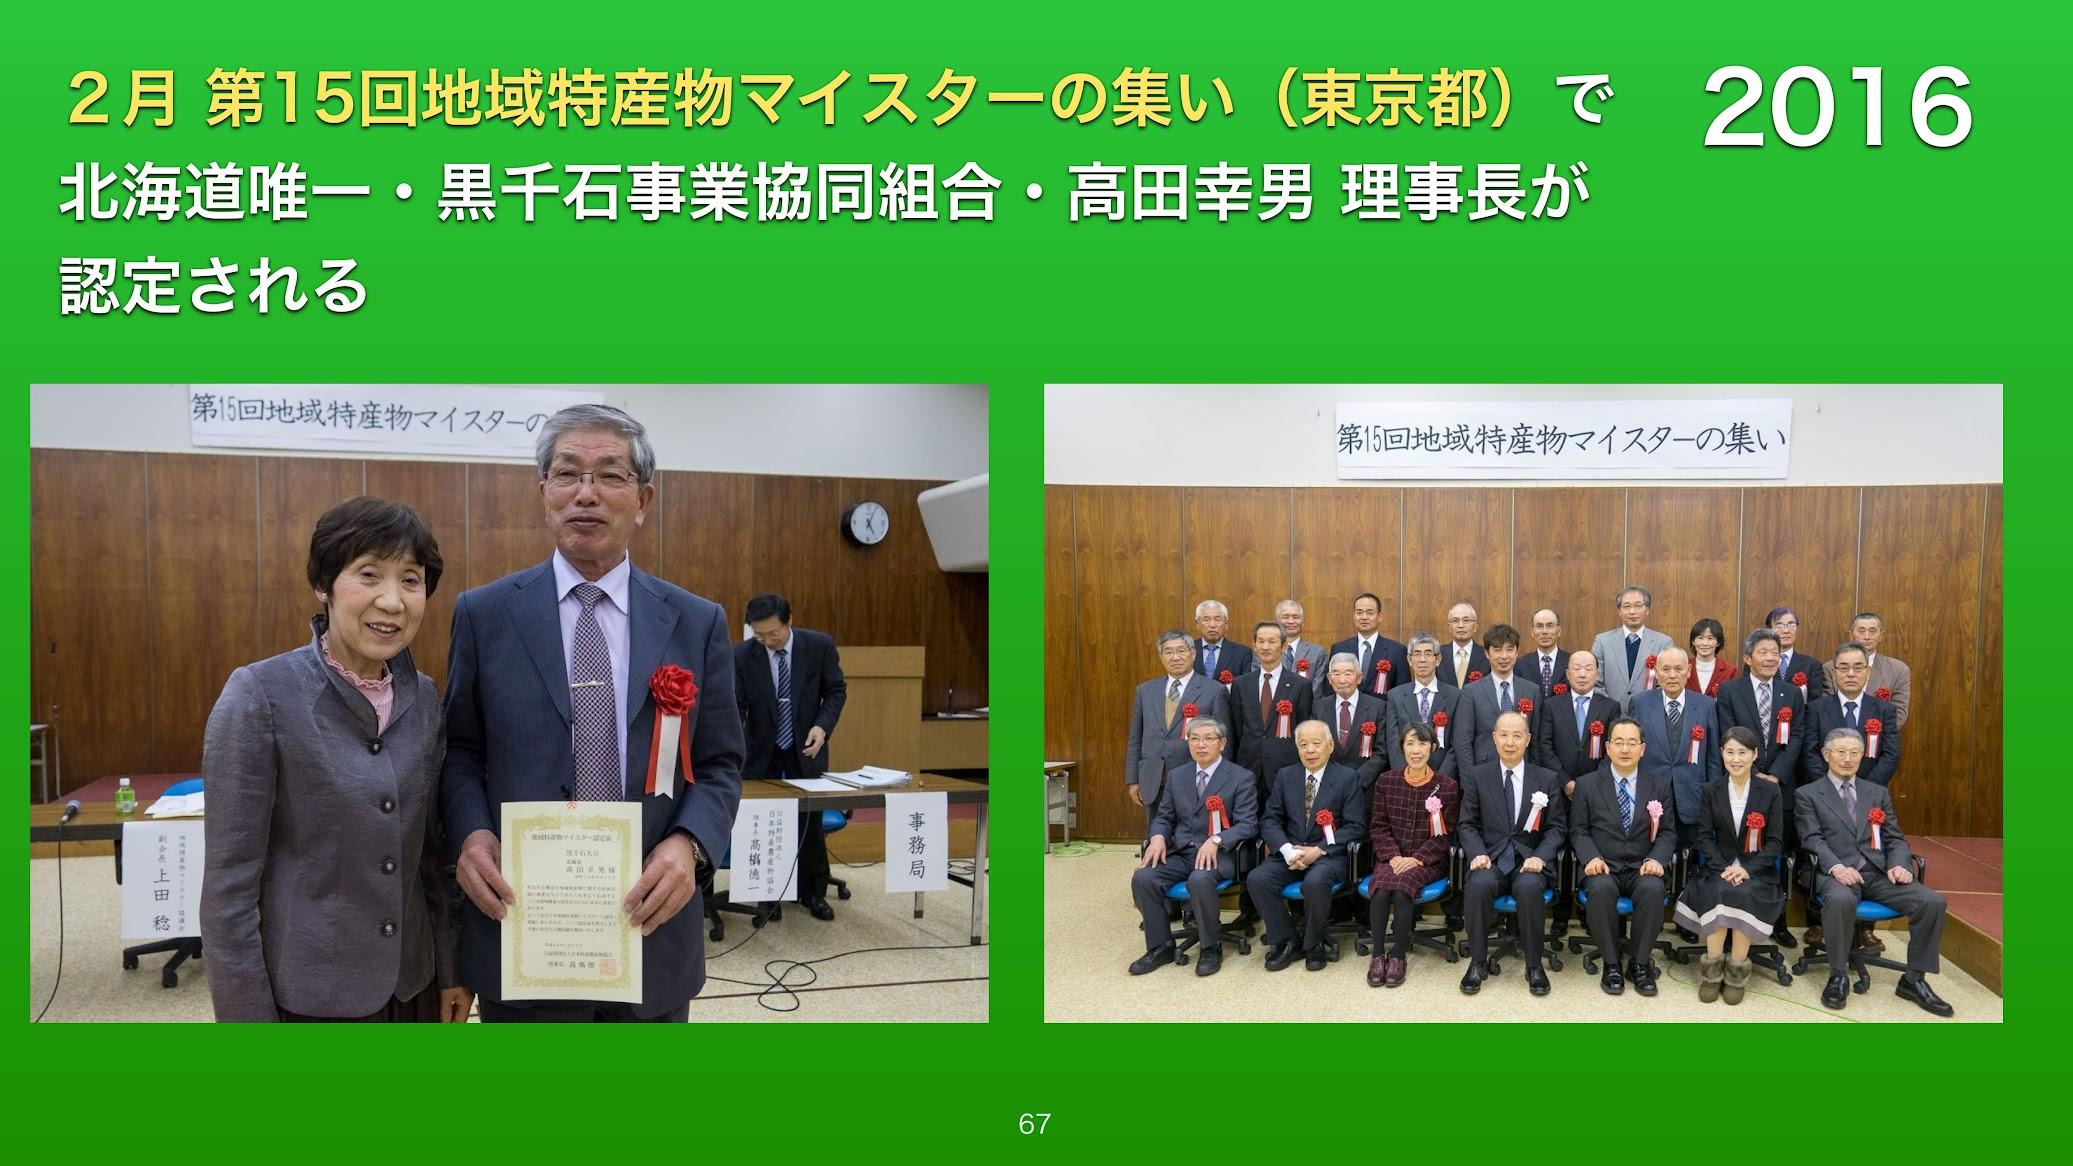 2月:第15回地域特産品マイスターの集い(東京都)